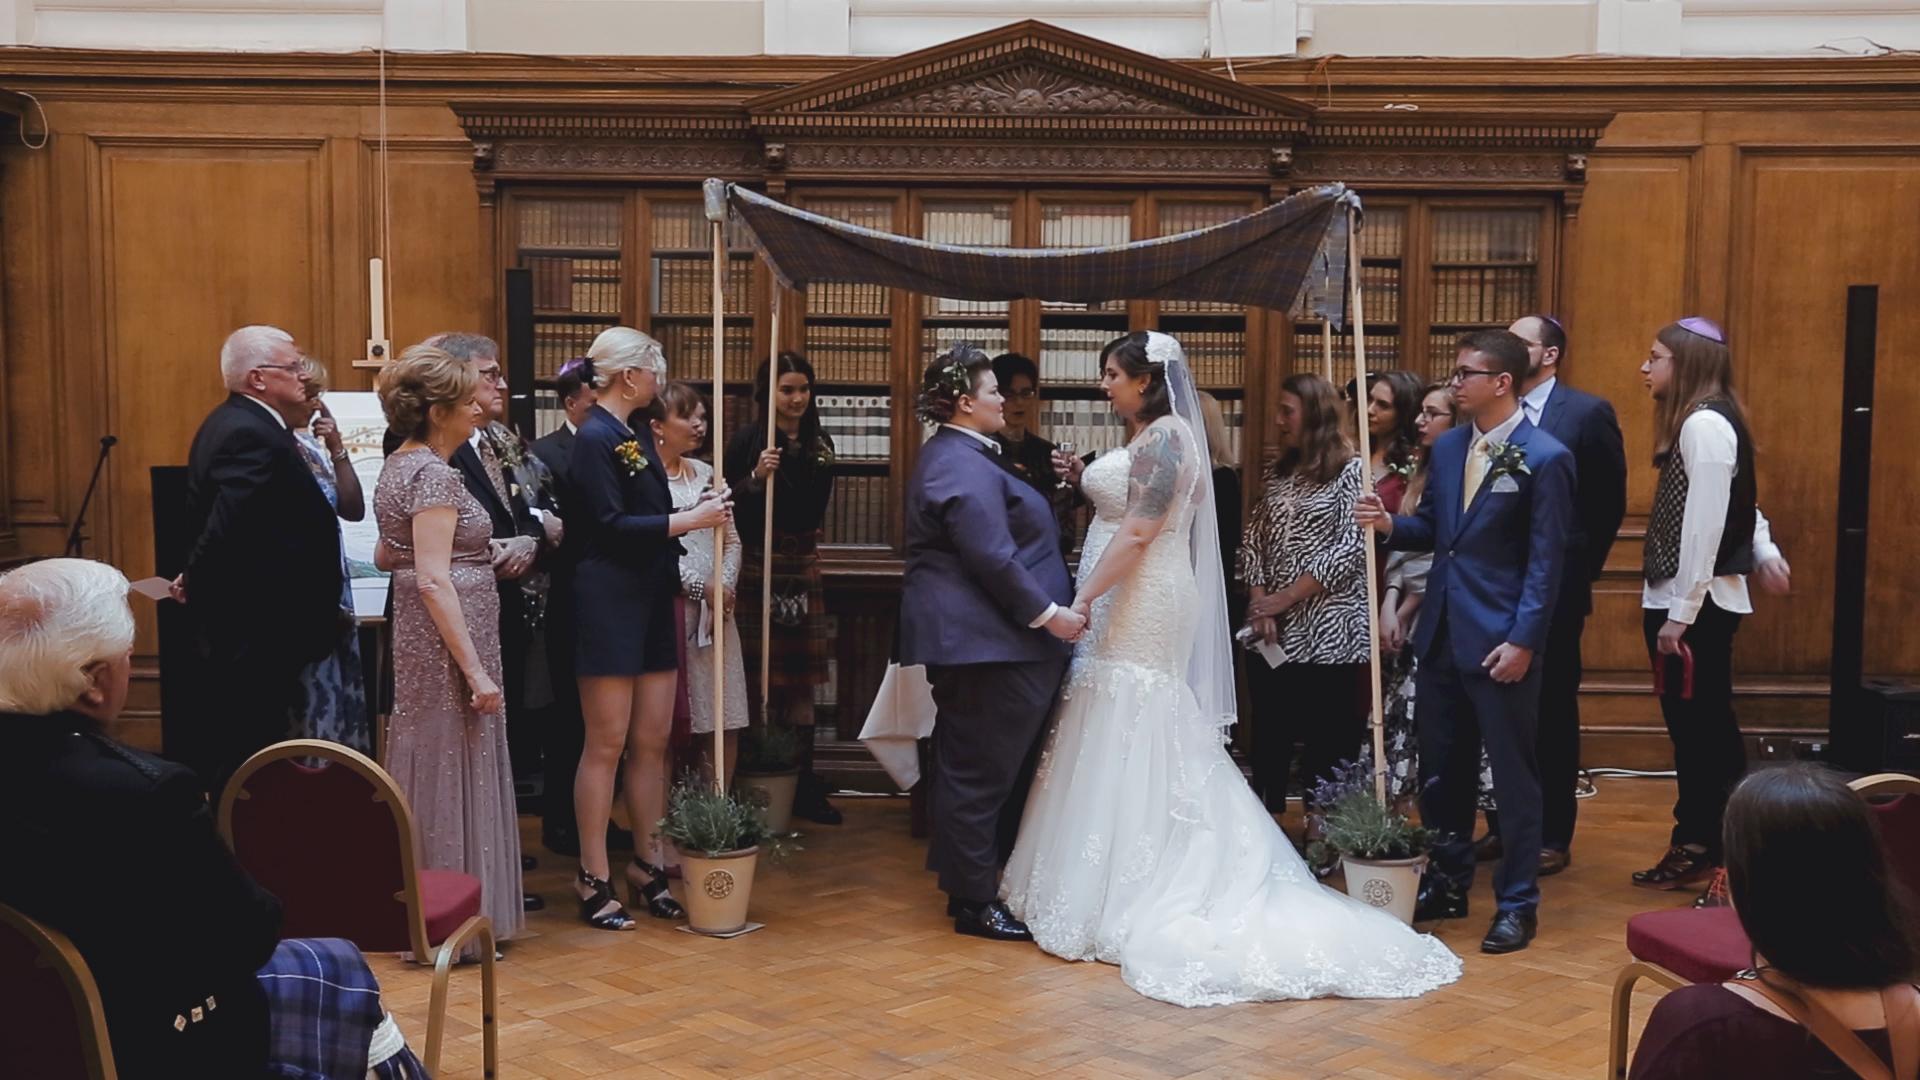 Jenn + Naomi - Fusion Wedding in Glasgow 1